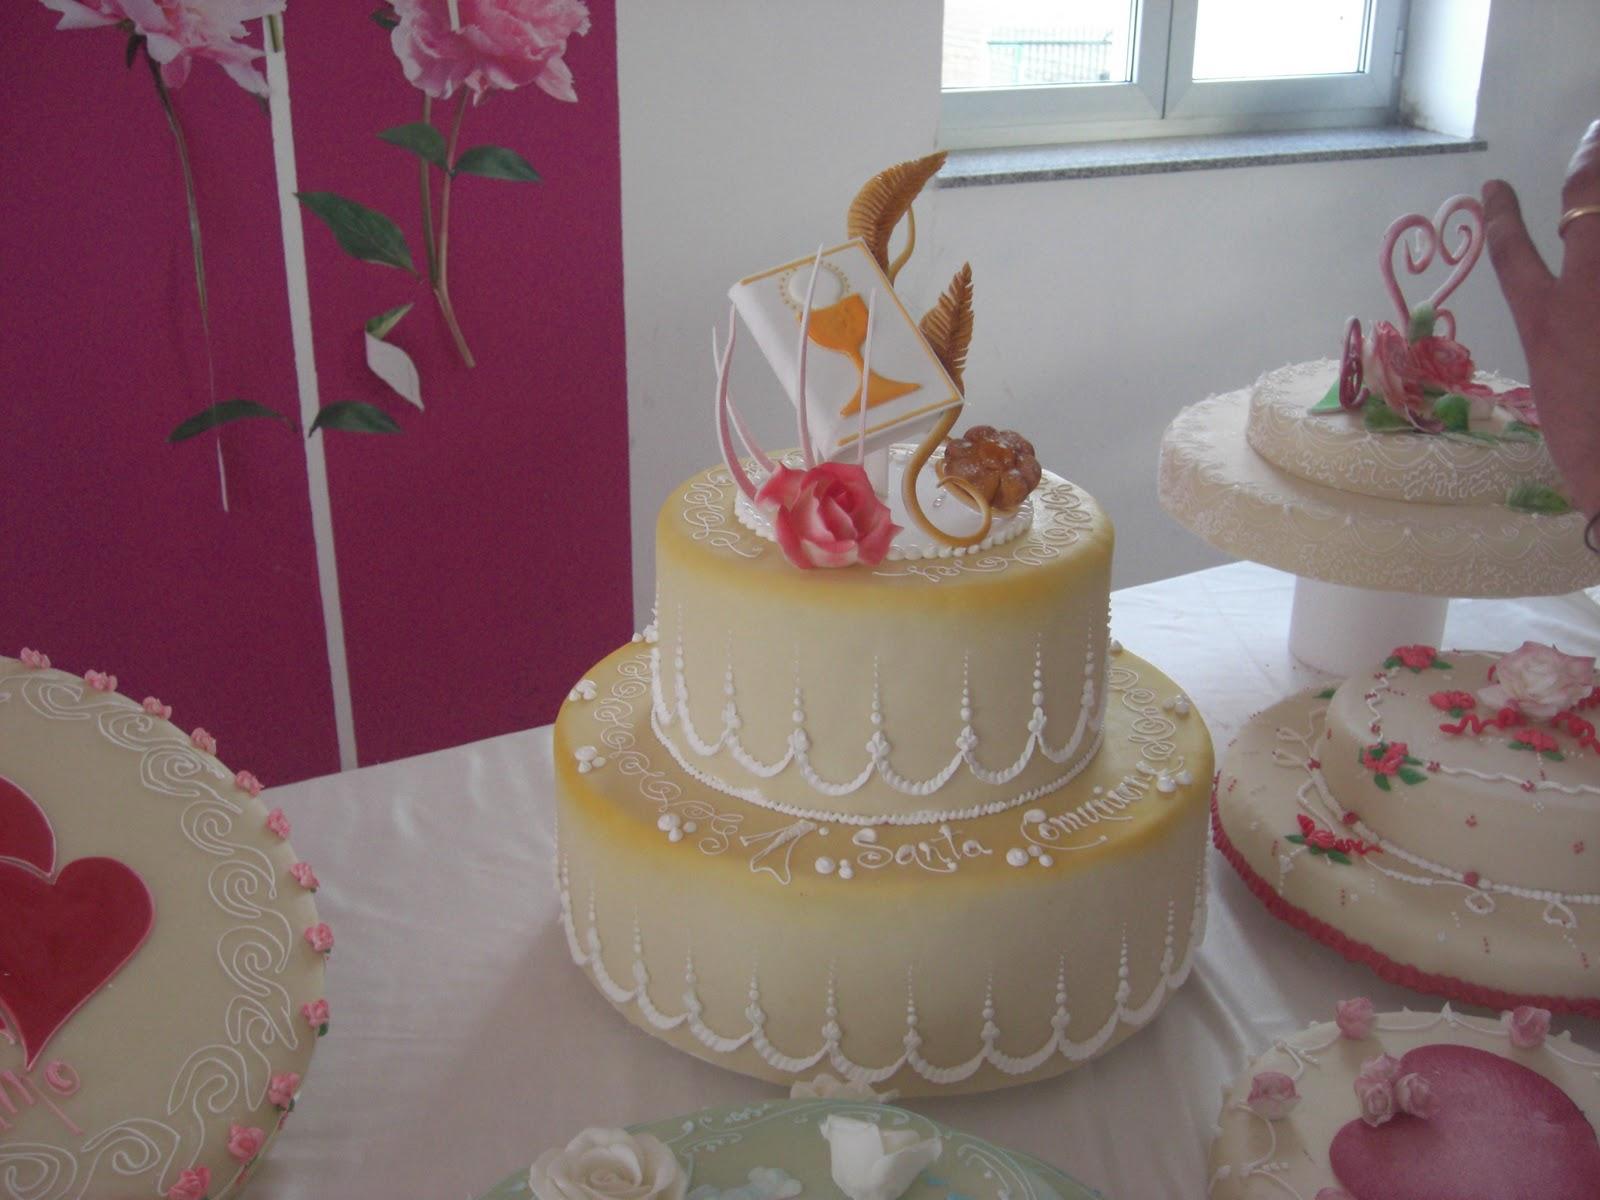 Pasticcerie Cake Design Verona : LOREDANA LUNETTO Docente e Consulente di Pasticceria e ...